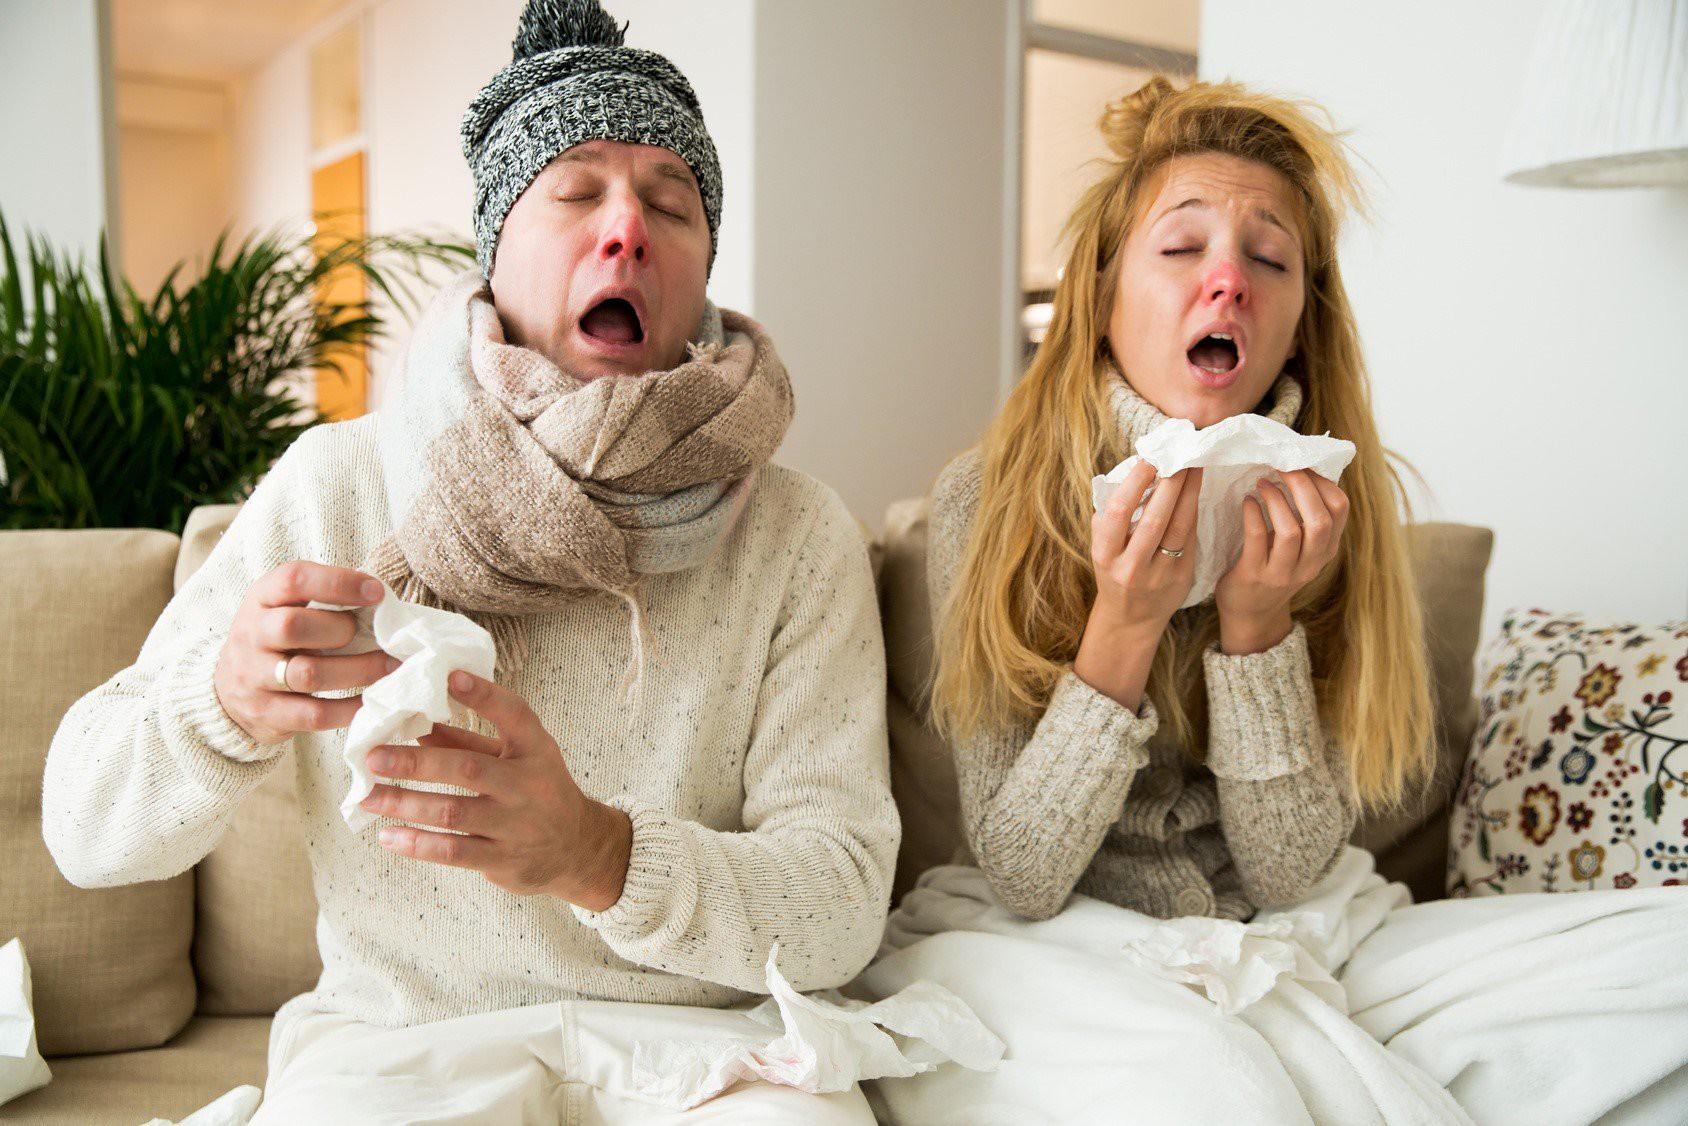 7 vấn đề sức khỏe thường gặp vào mùa đông và cách phòng ngừa hiệu quả - Ảnh 1.